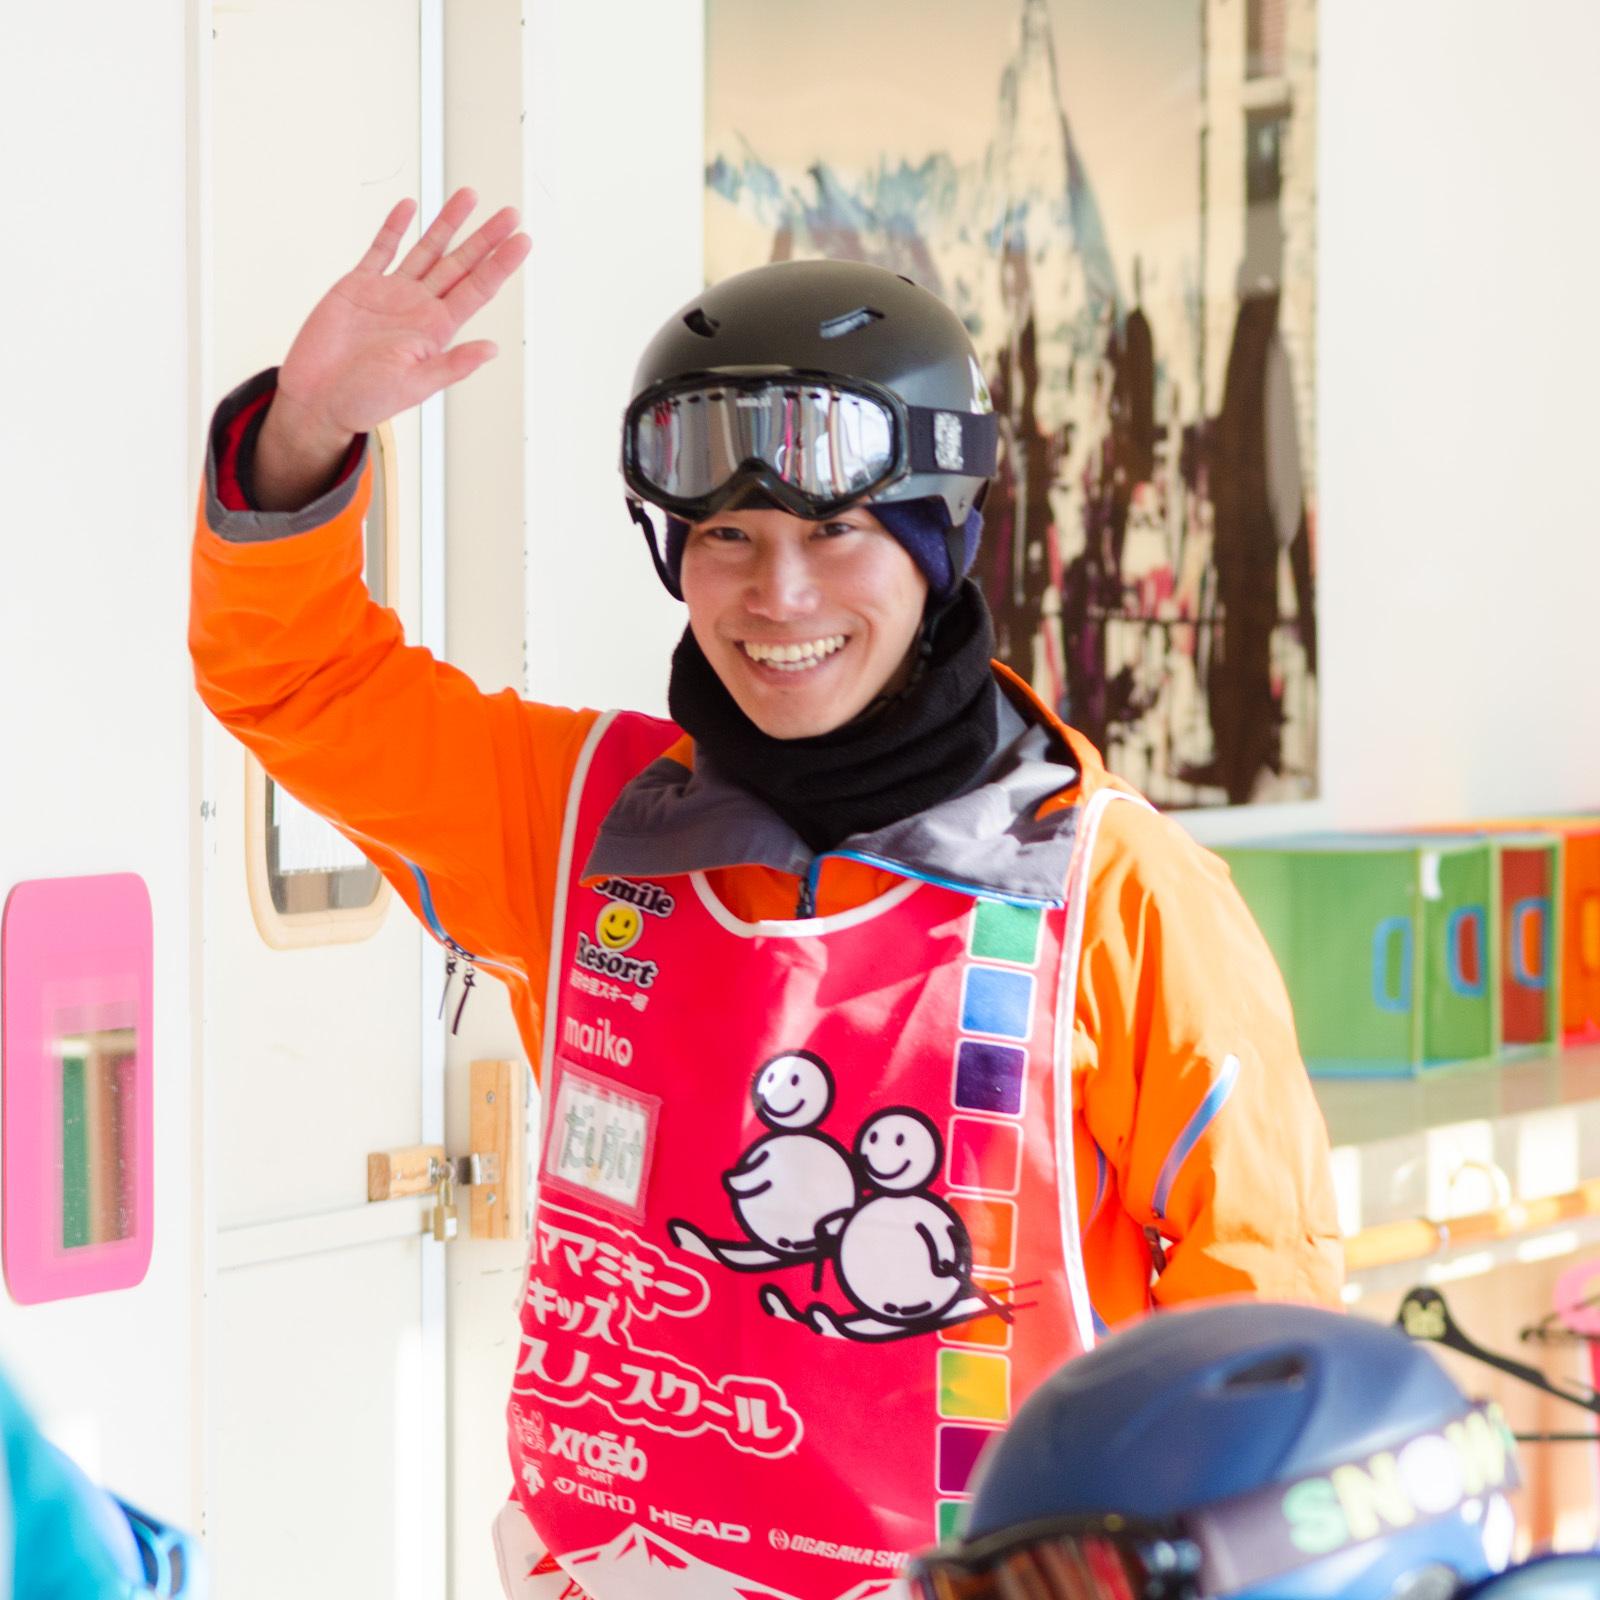 今日のスノーボードレッスンは、だいすけ先生が担当!|ママミキーキッズスノースクール